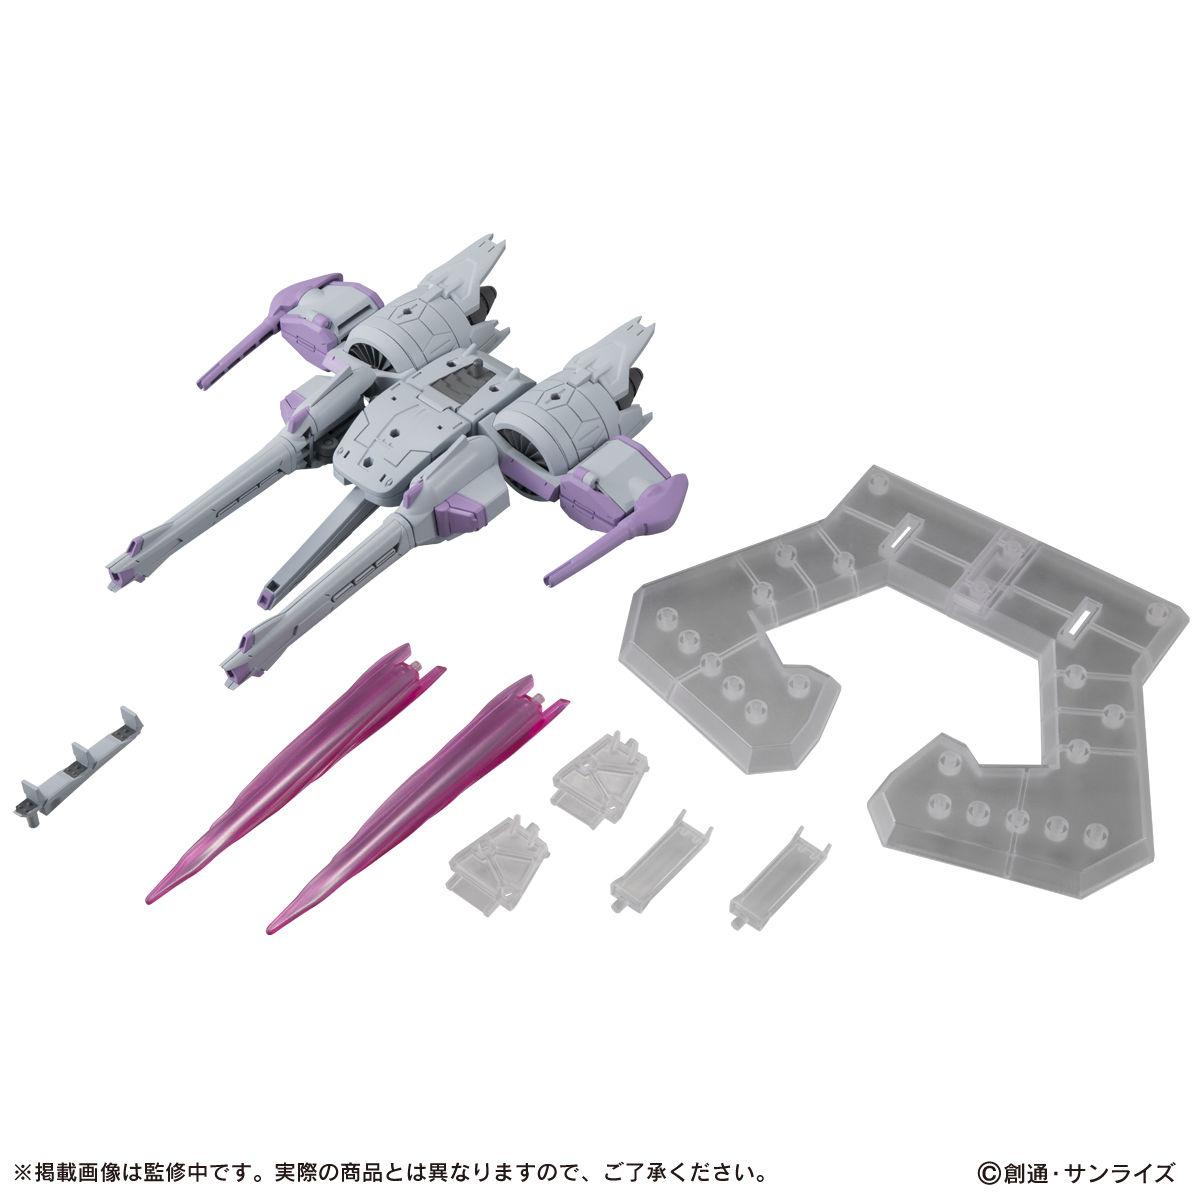 【限定販売】MOBILE SUIT ENSEMBLE『EX14A フリーダムガンダム』機動戦士ガンダムSEED 可動フィギュア-012